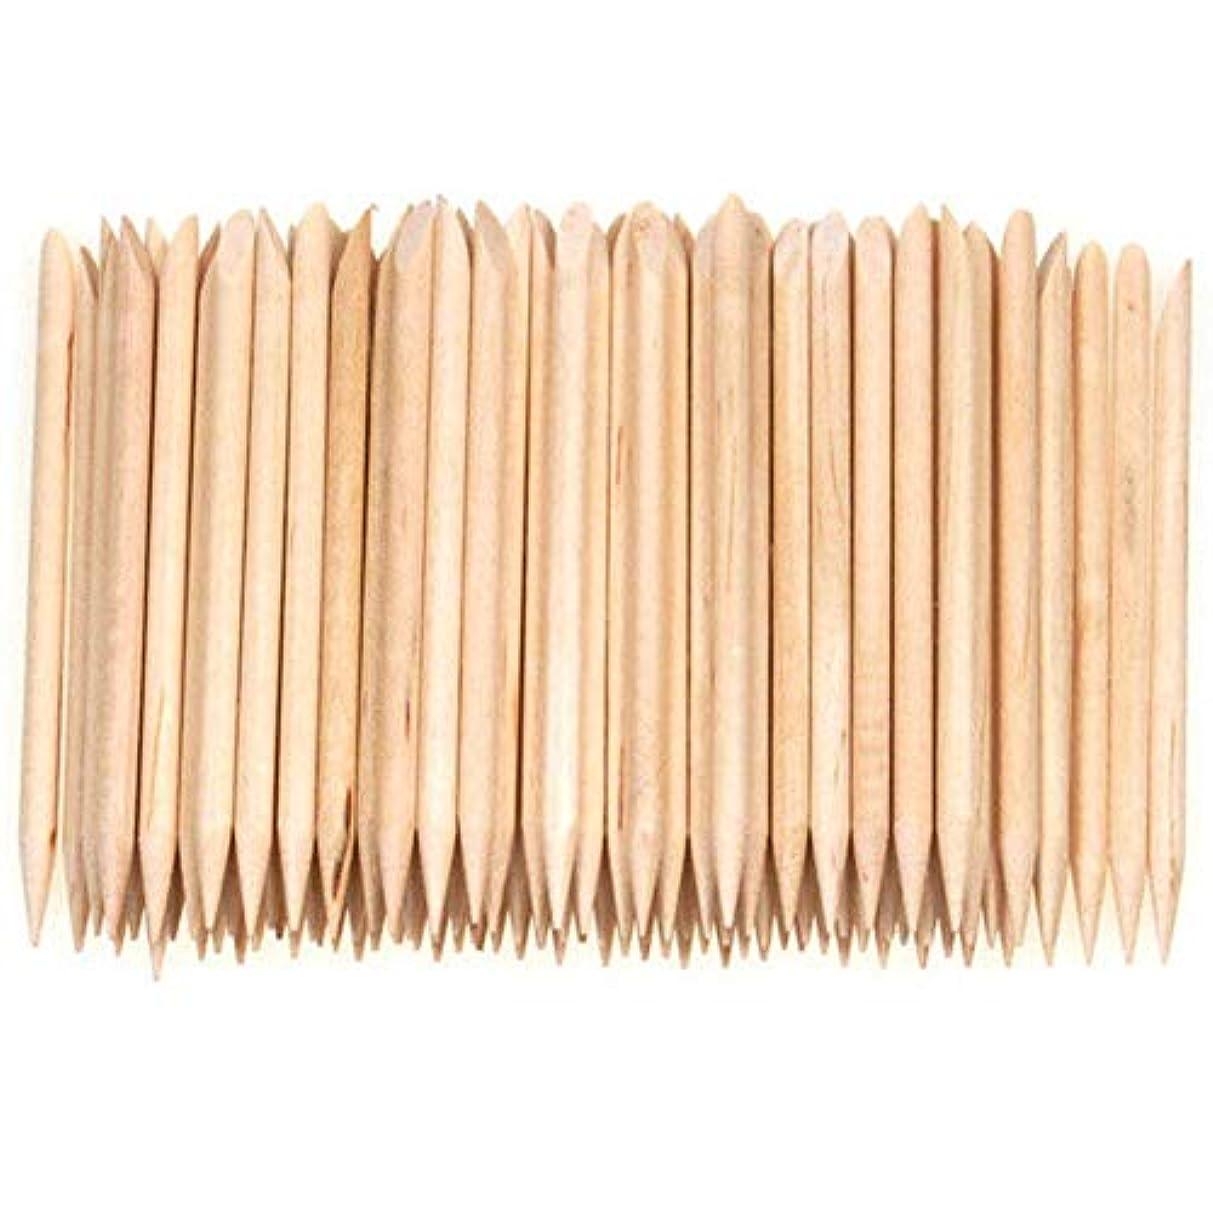 翻訳ビバいくつかのSemoic 100個ネイルアートデザイン木製の棒キューティクルプッシャーリムーバーマニキュアケア